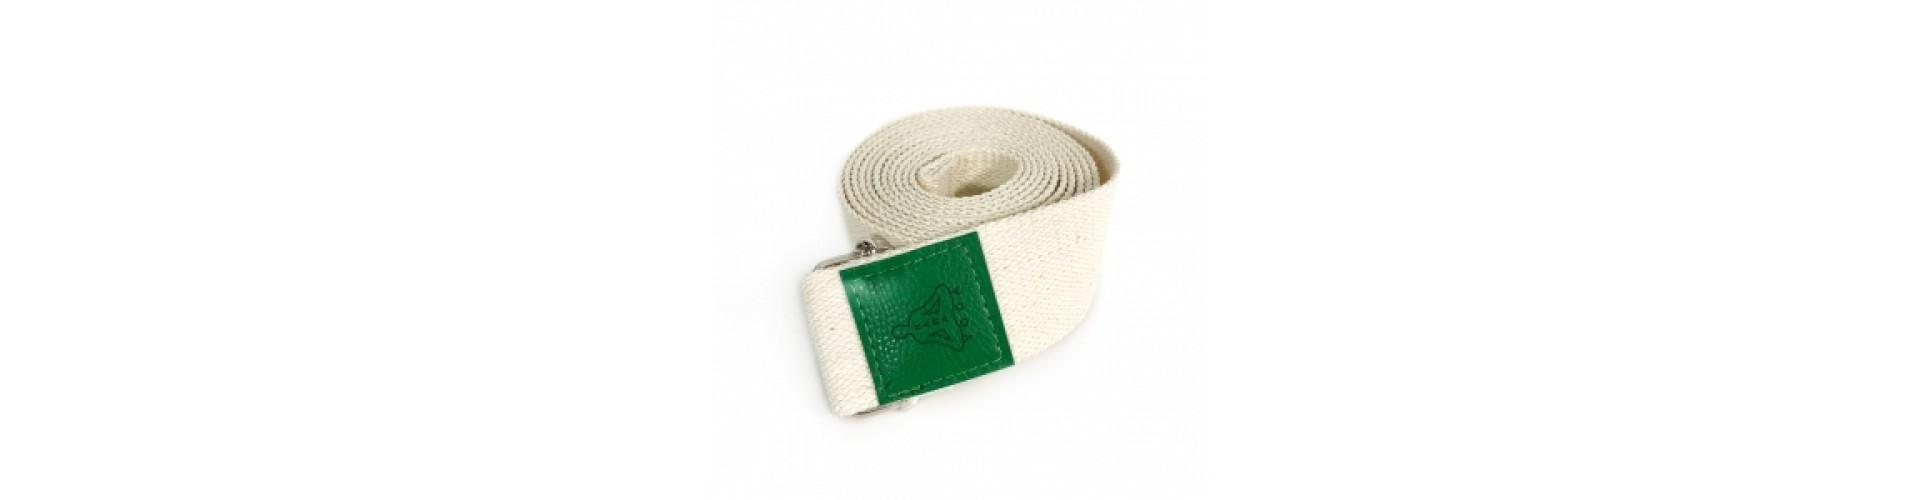 yoga5.ru - товары для йоги оптом и в розницу